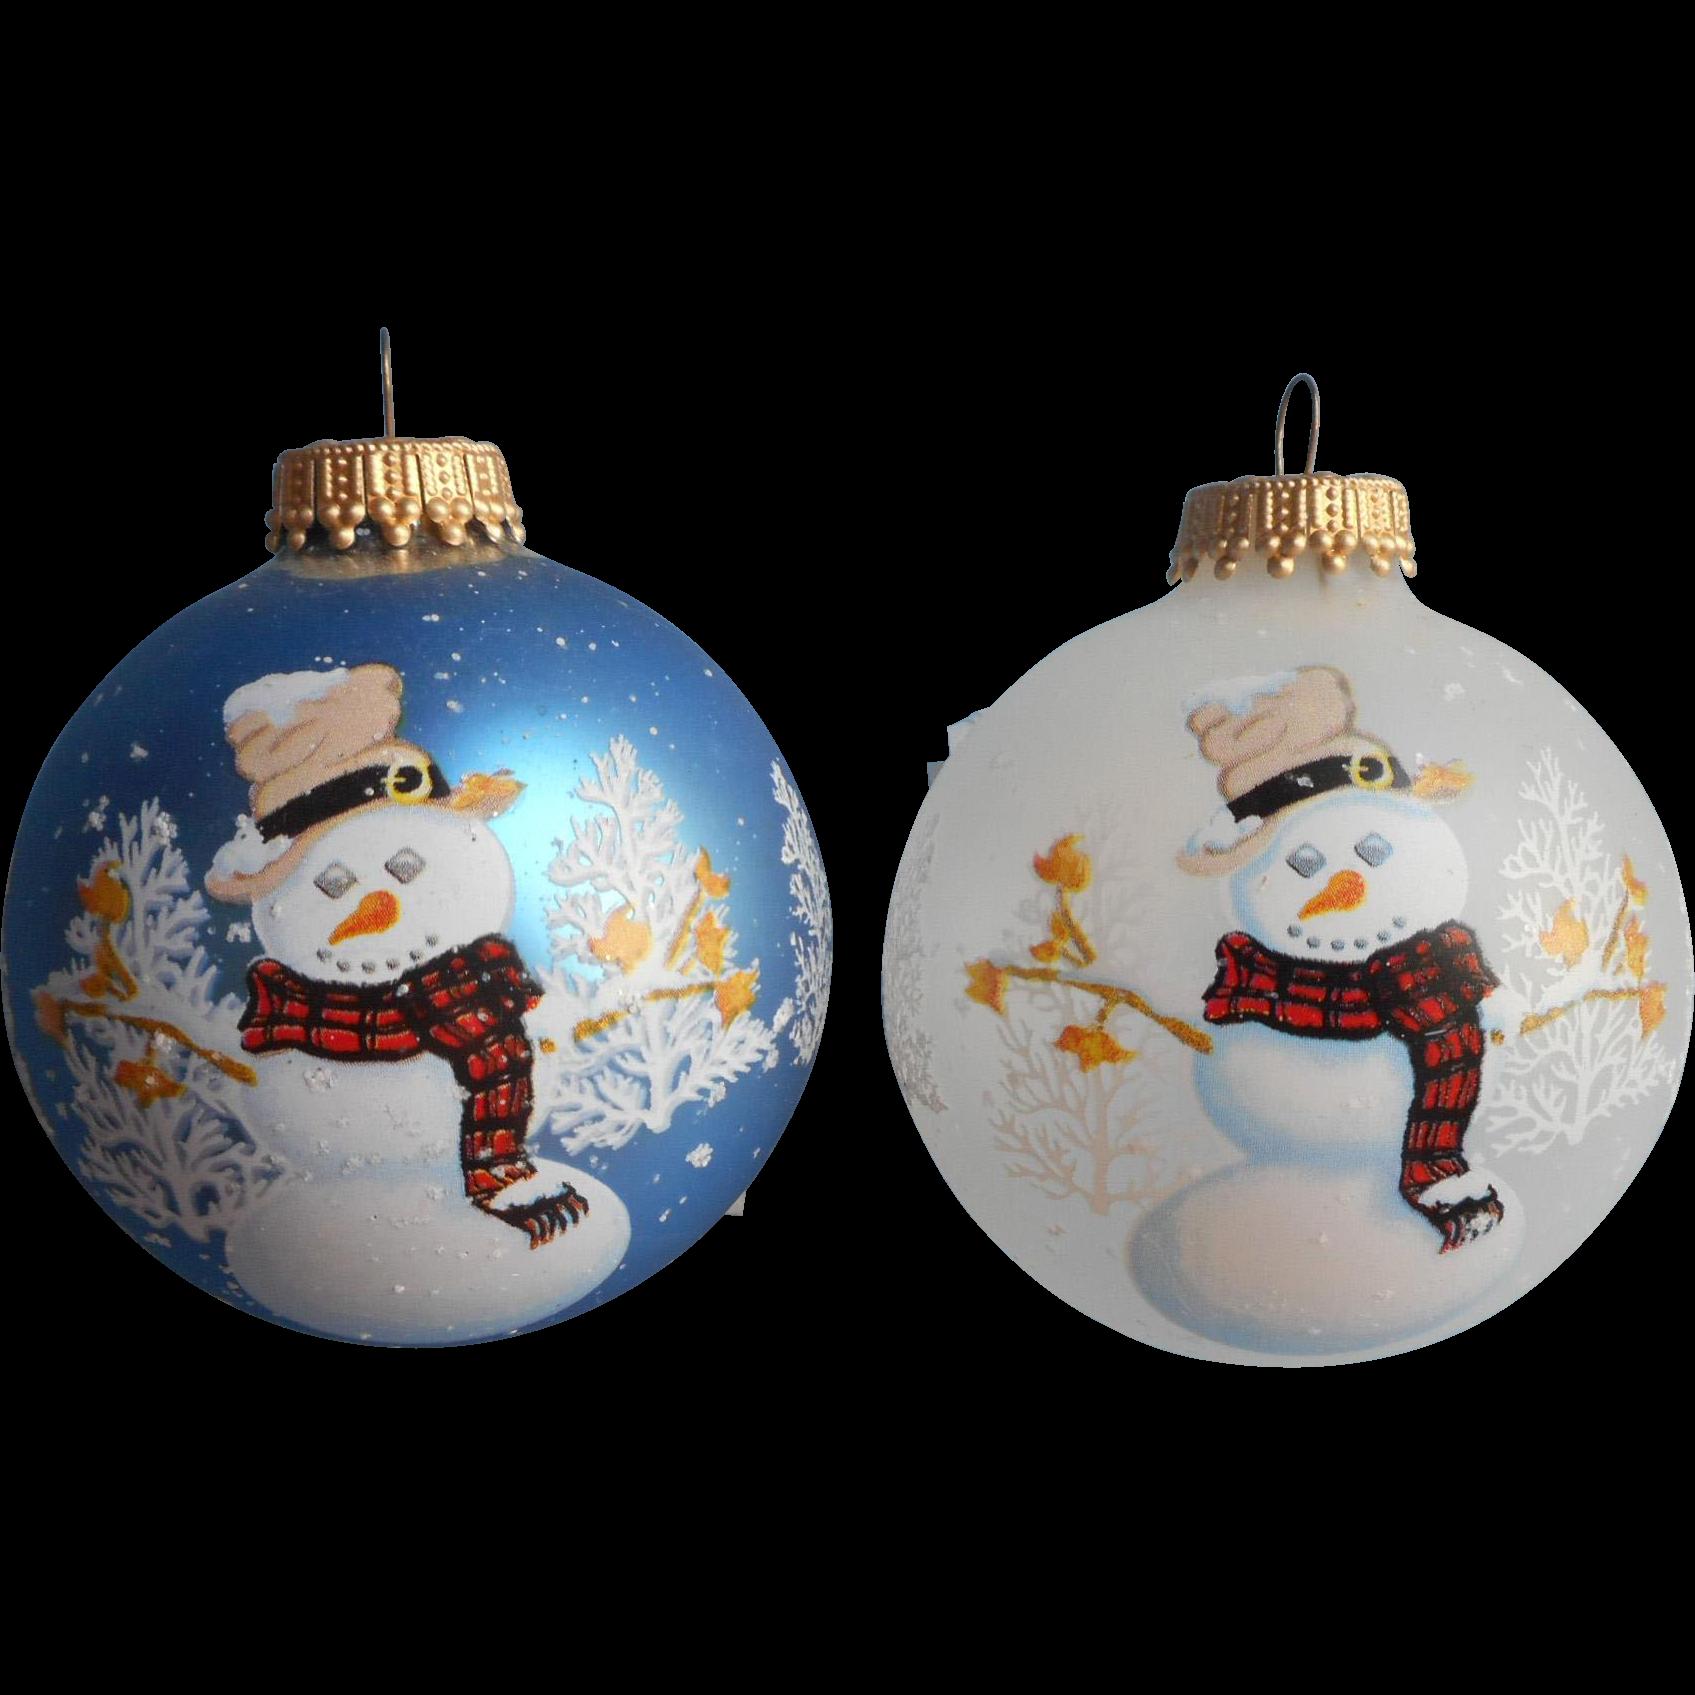 Vintage Krebs Glass Christmas Tree Ornaments 2 Snowmen: vintage glass christmas tree ornaments